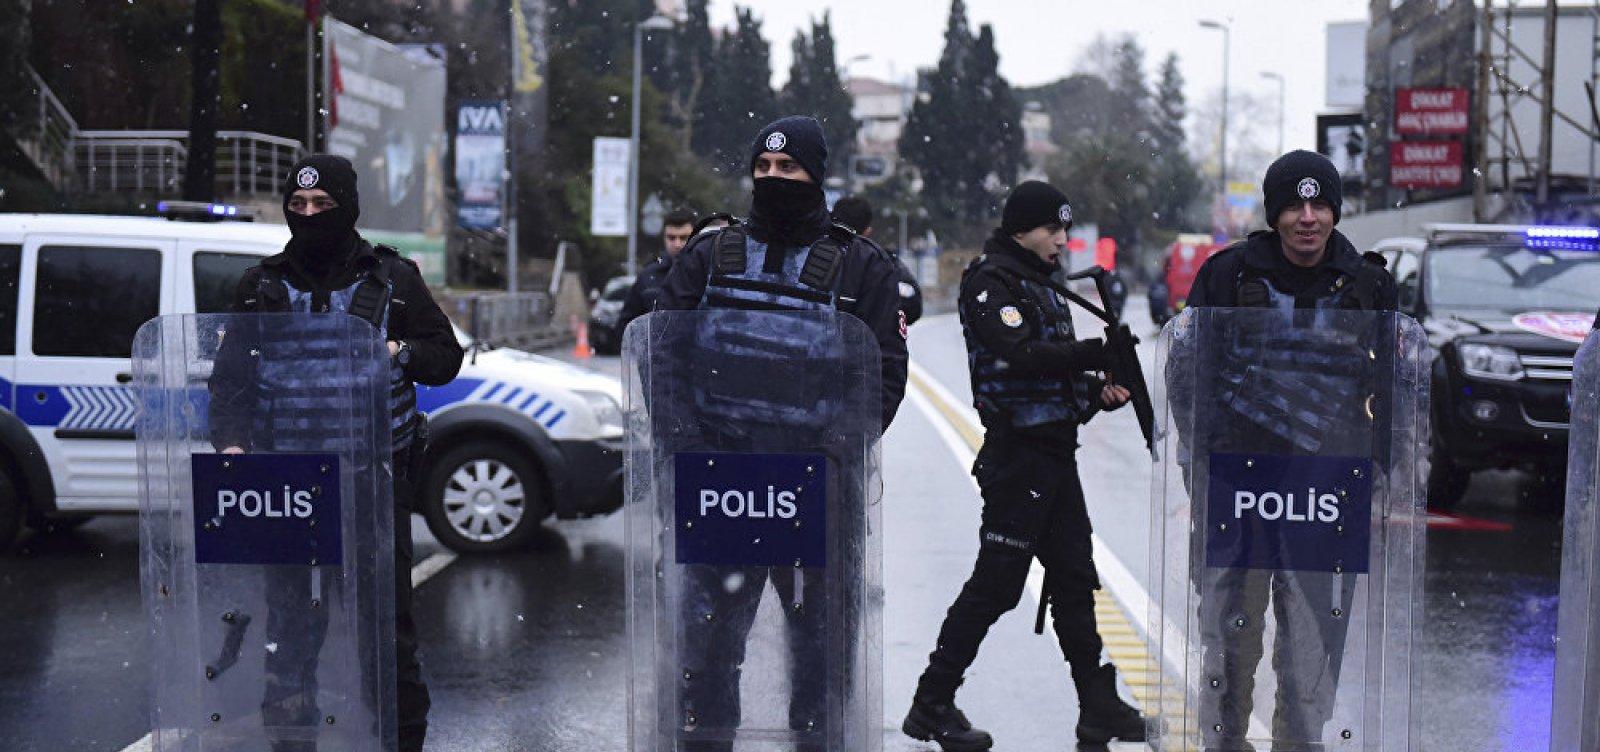 [Turquia prende 24 suspeitos acusados de envolvimento com o Estado Islâmico]